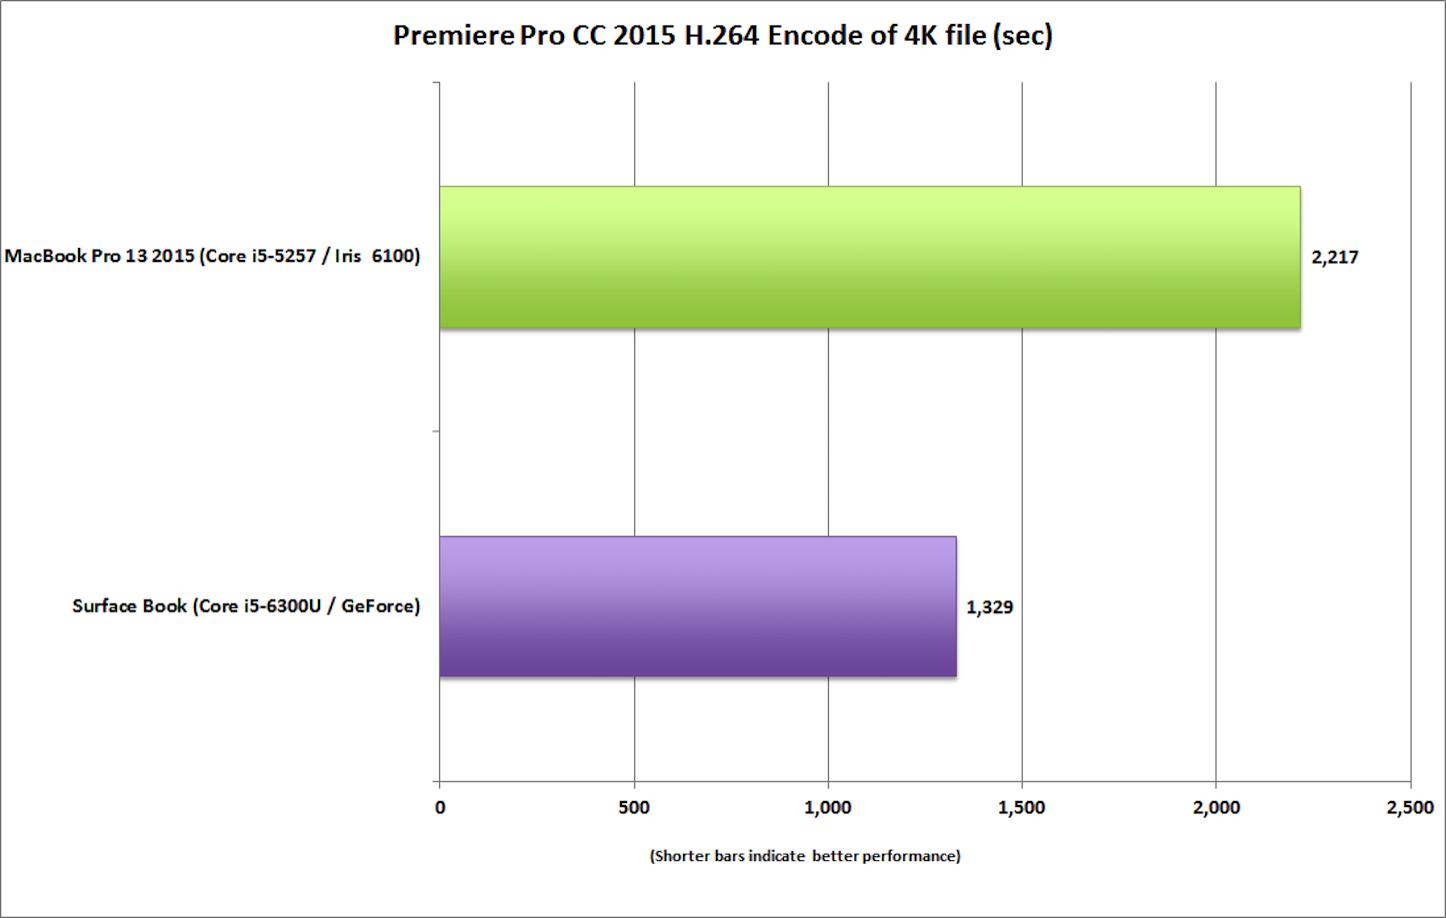 Surface book vs macbook pro 13 premiere pro encode 4k h264